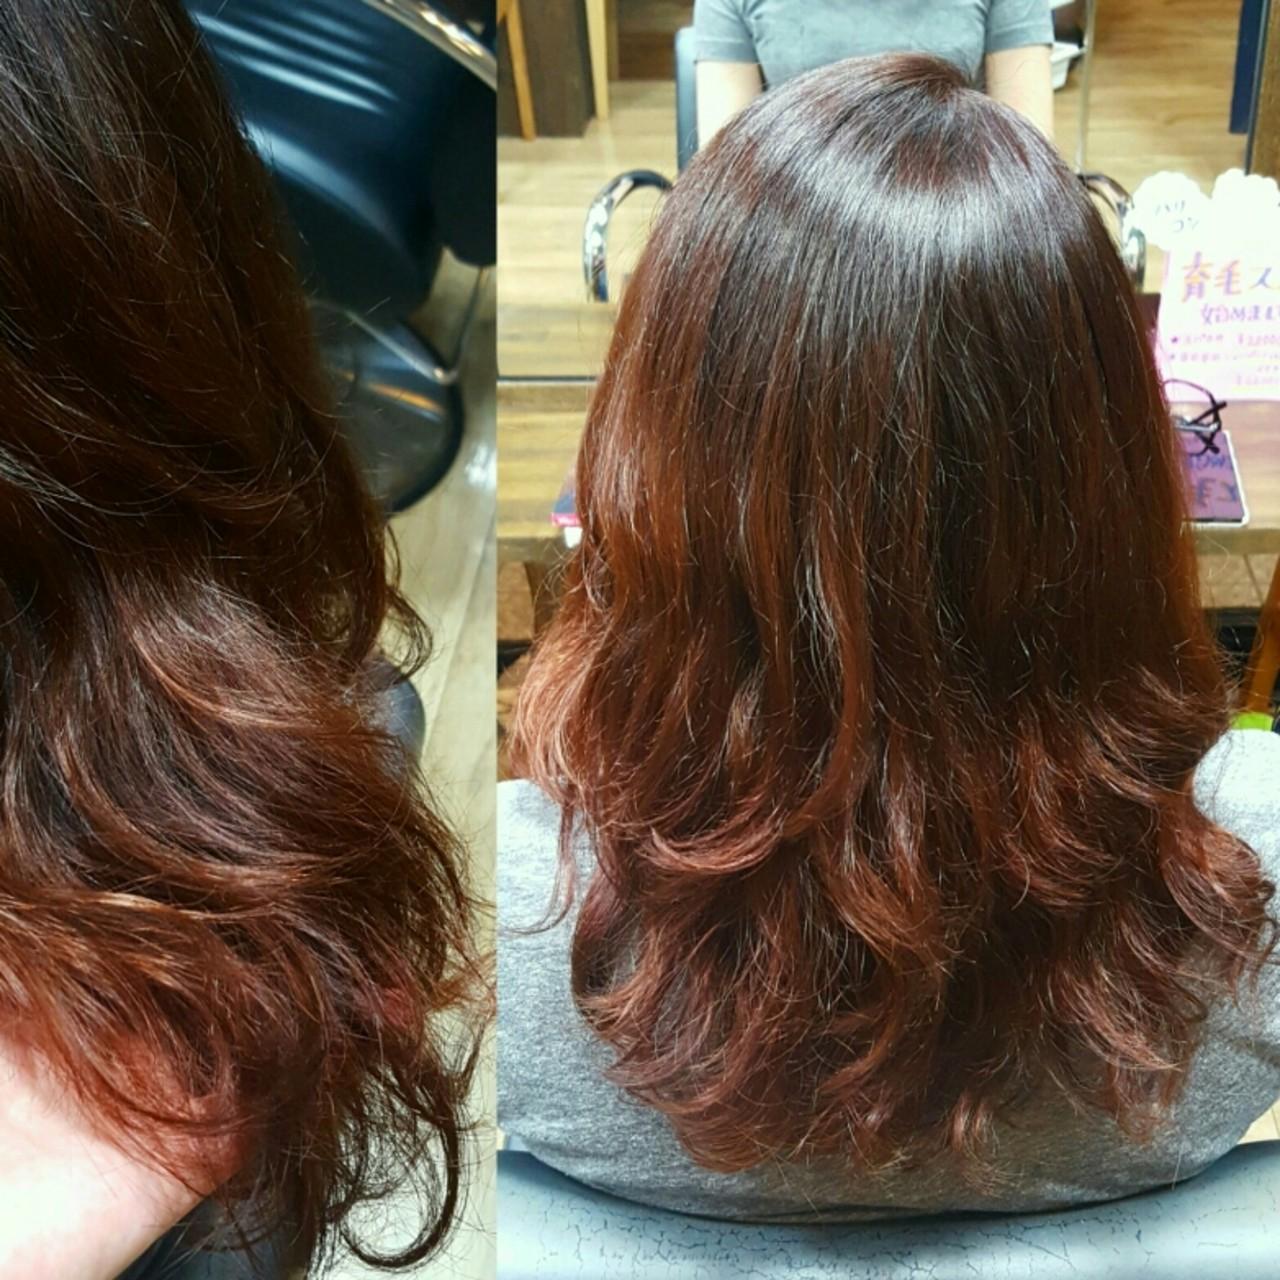 レッド ストリート 艶髪 くせ毛風ヘアスタイルや髪型の写真・画像